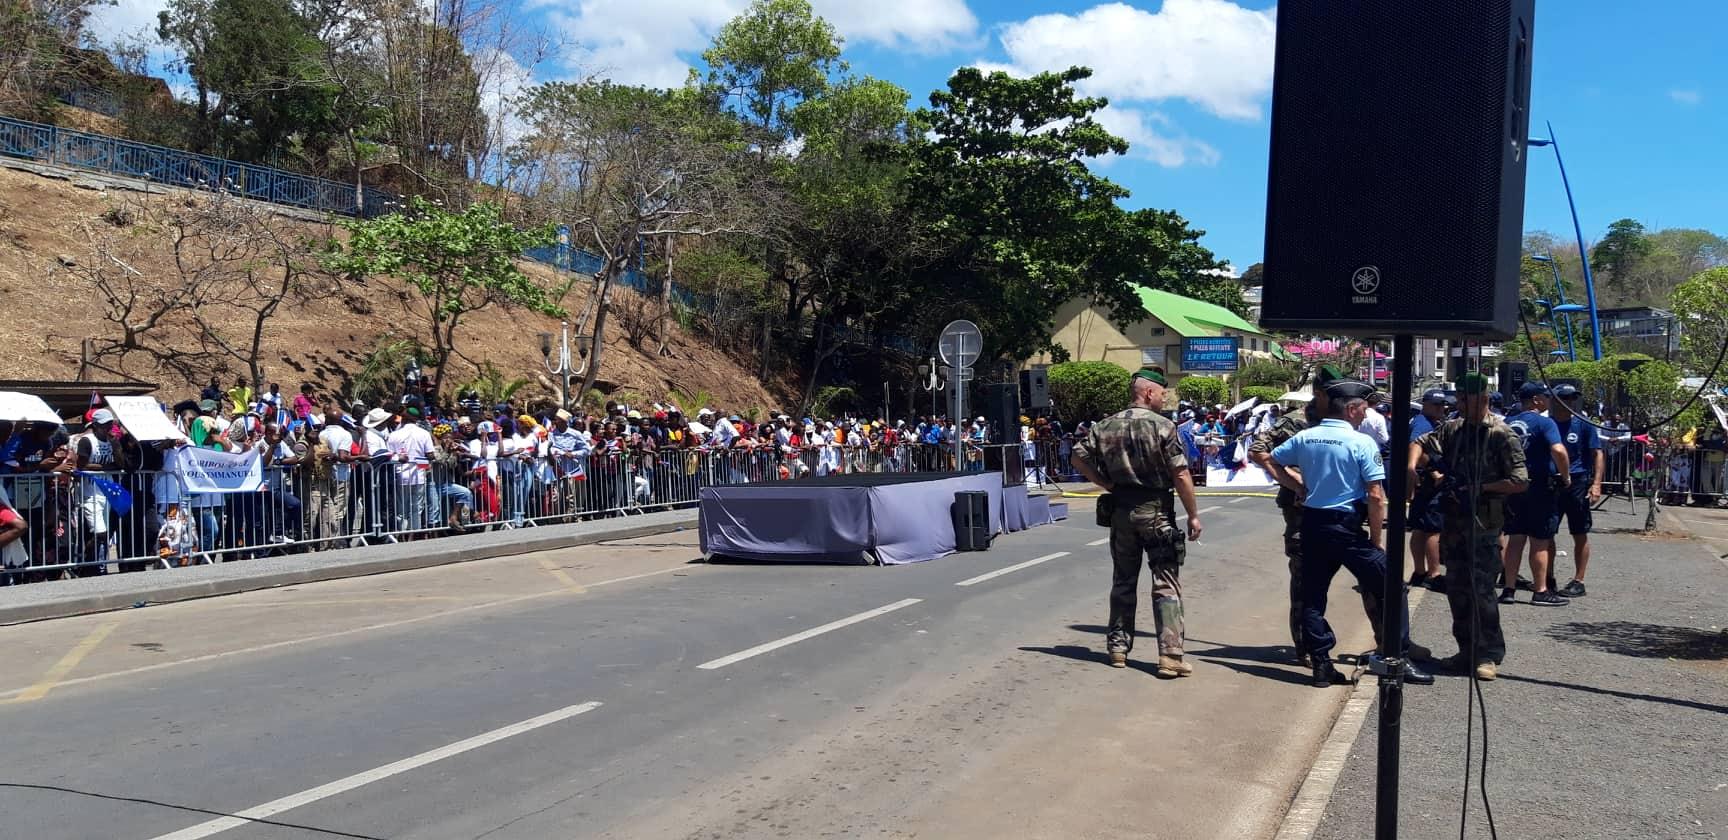 Visite officielle du Président Emmanuel Macron, à Mayotte, 22 oct 2019